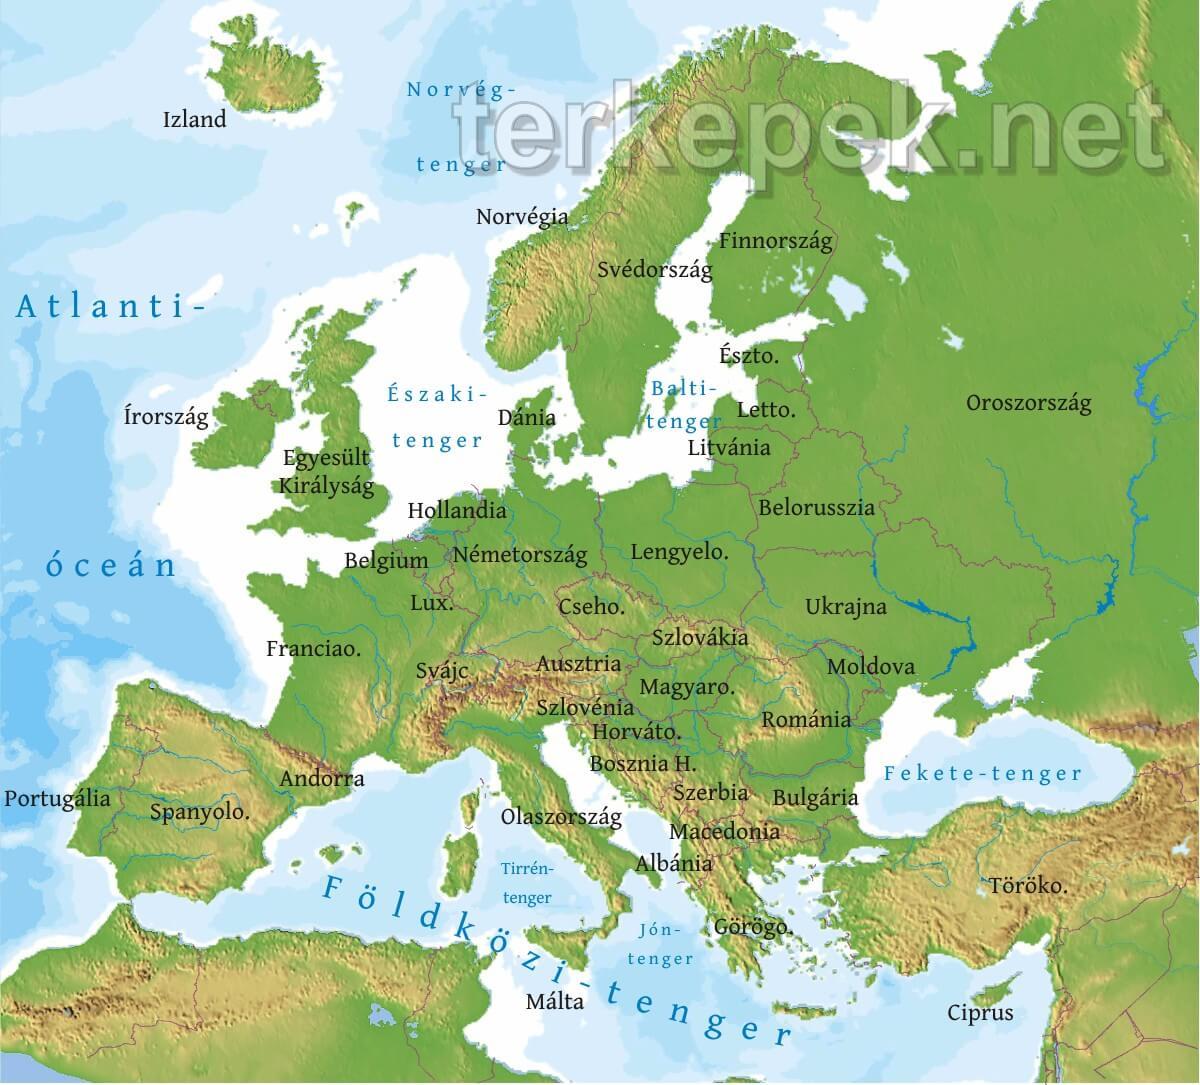 Europa Terkepek